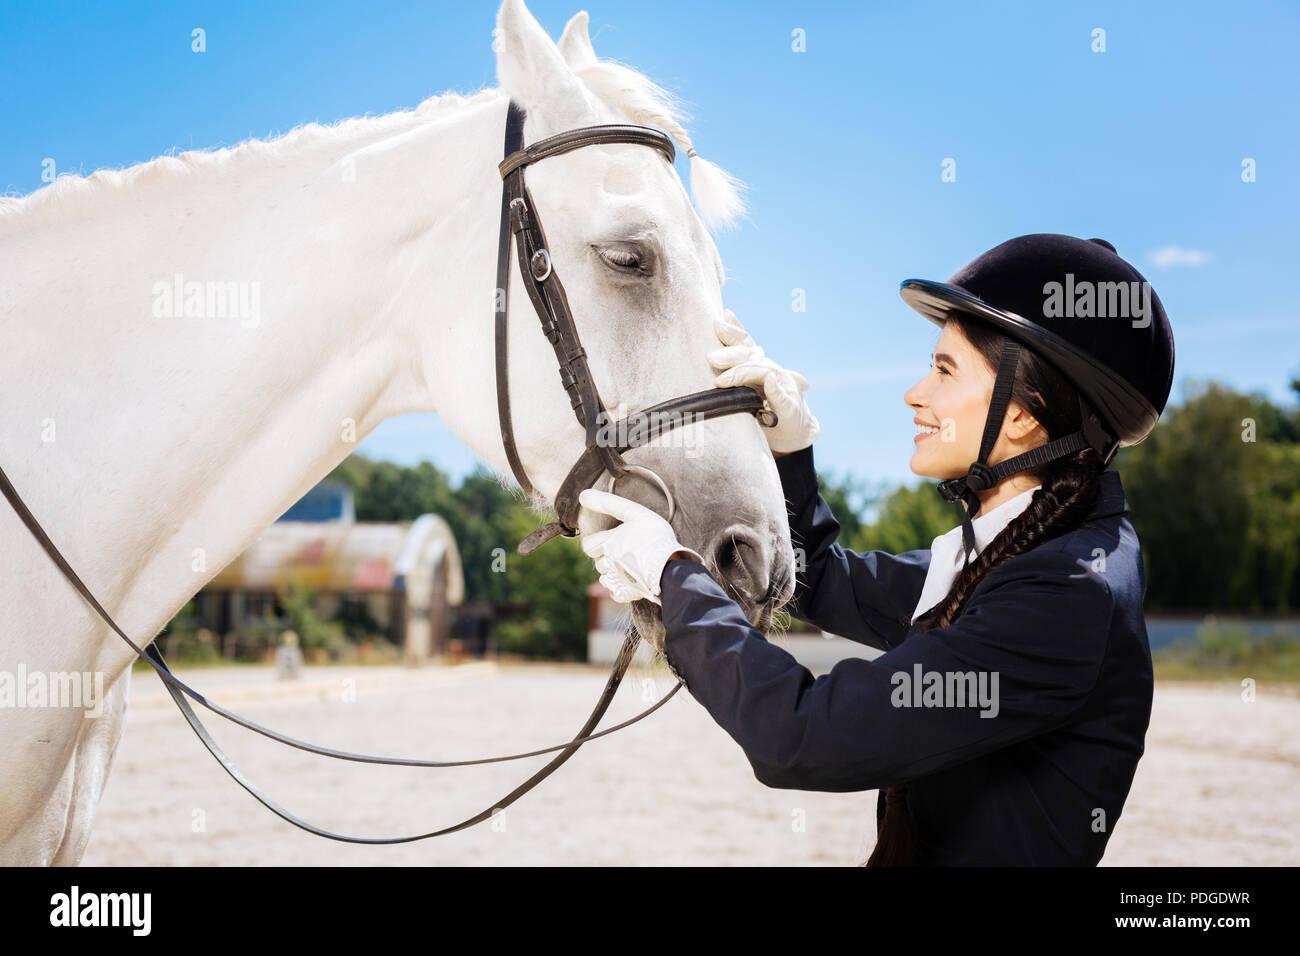 Giovani promettenti horsewoman provenienti per il suo bel cavallo bianco Immagini Stock